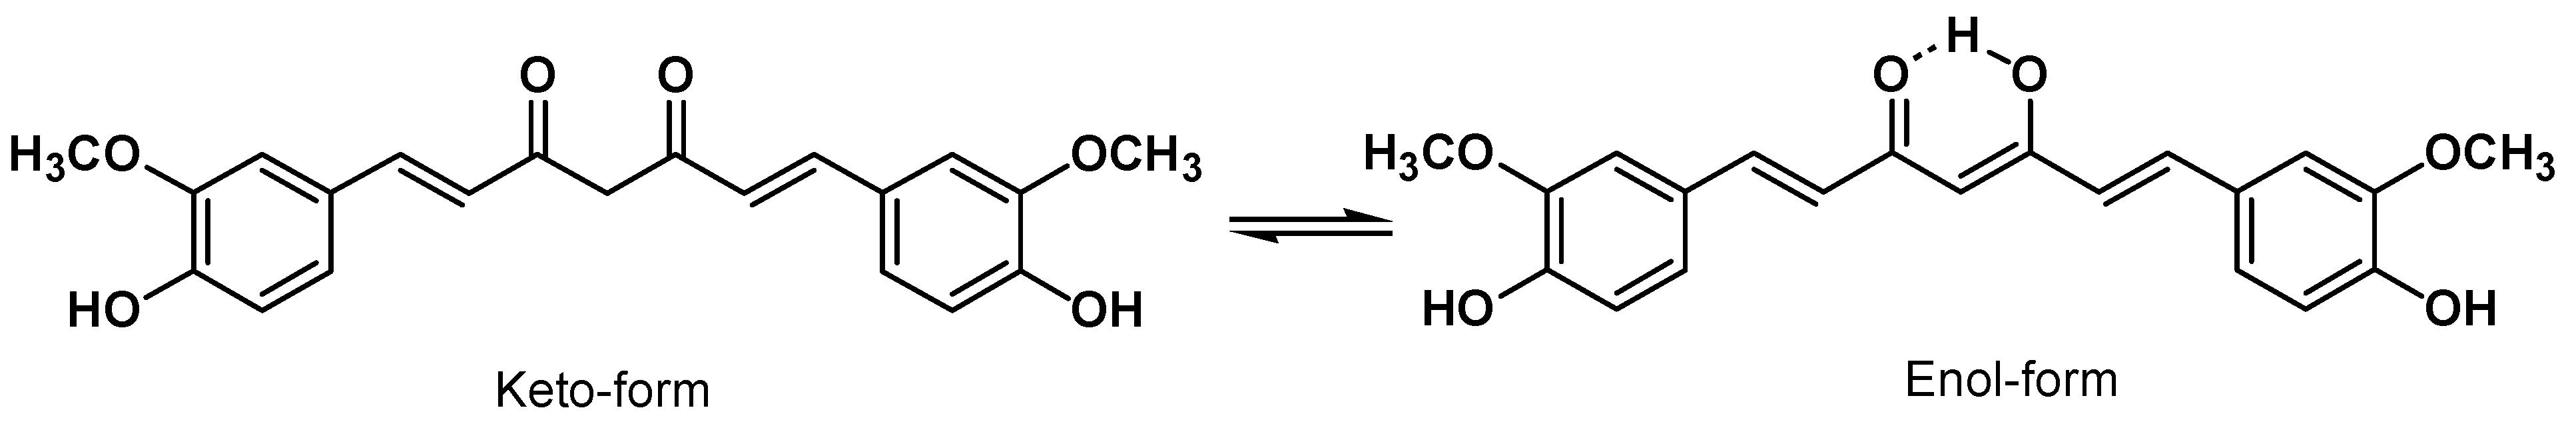 Molecules | Free Full-Text | Curcumin: An Anti-Inflammatory Molecule